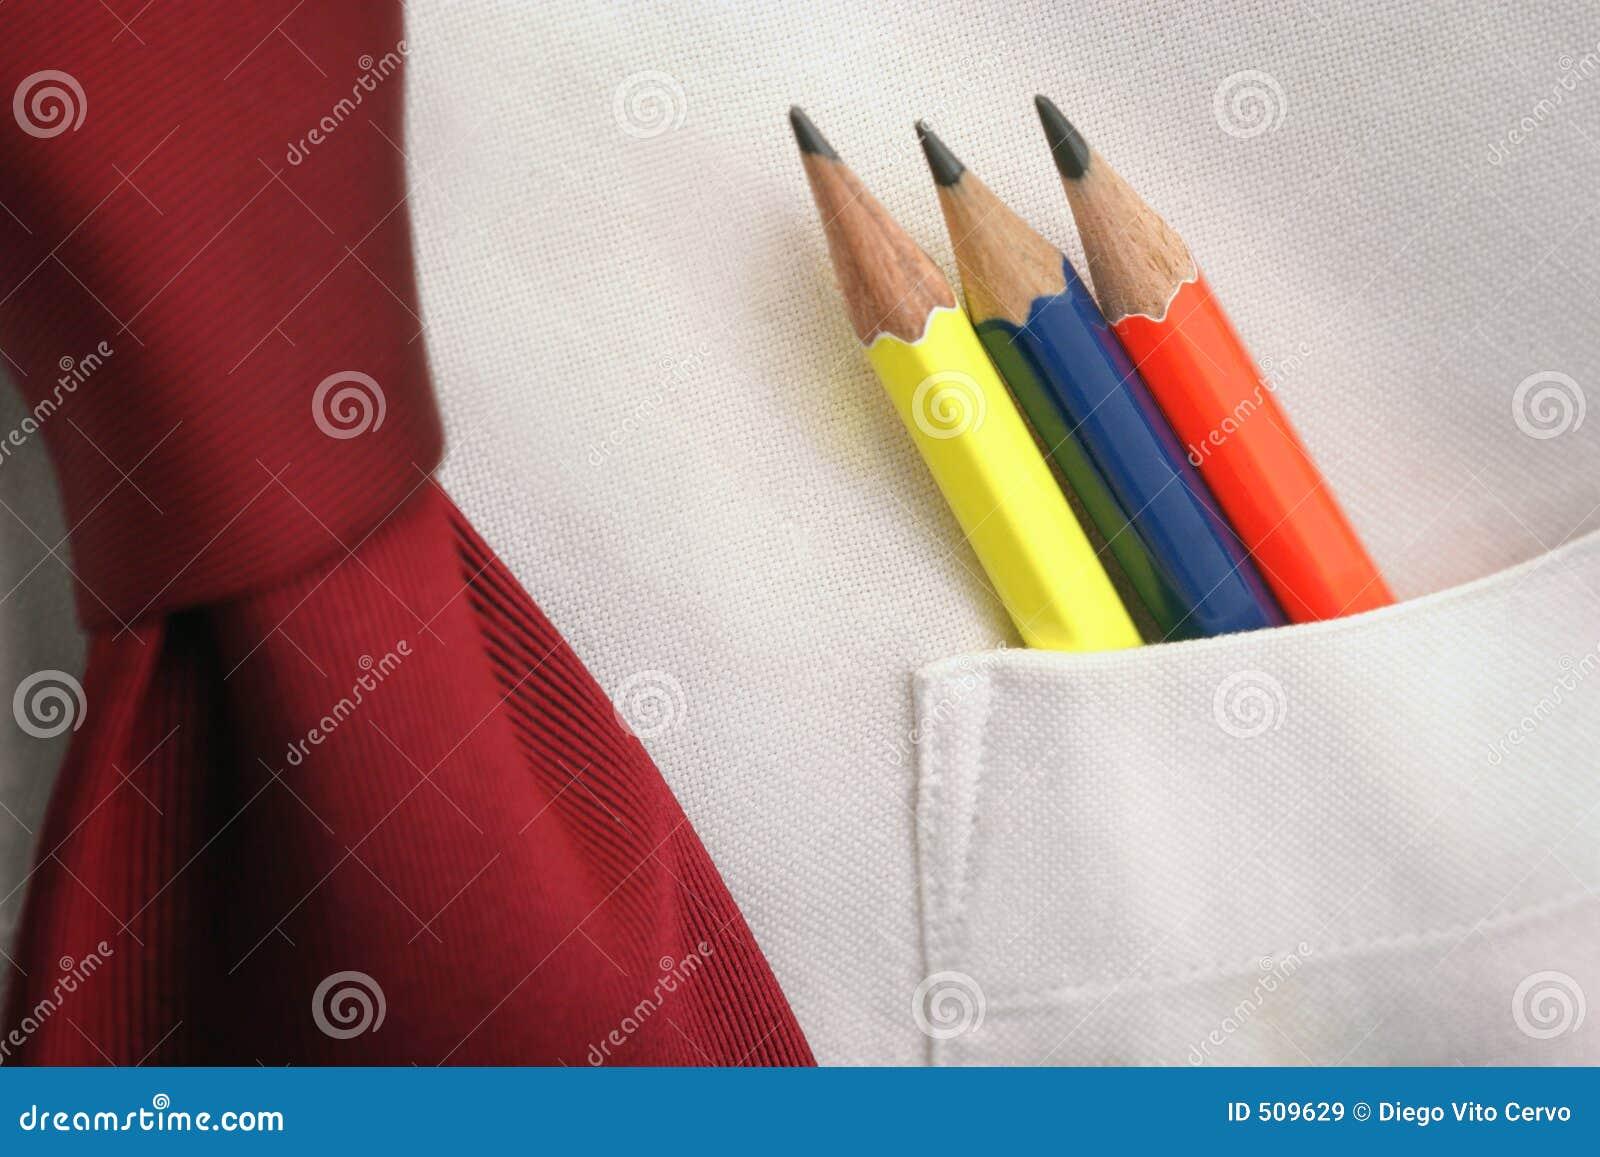 Integrating evidence in essay